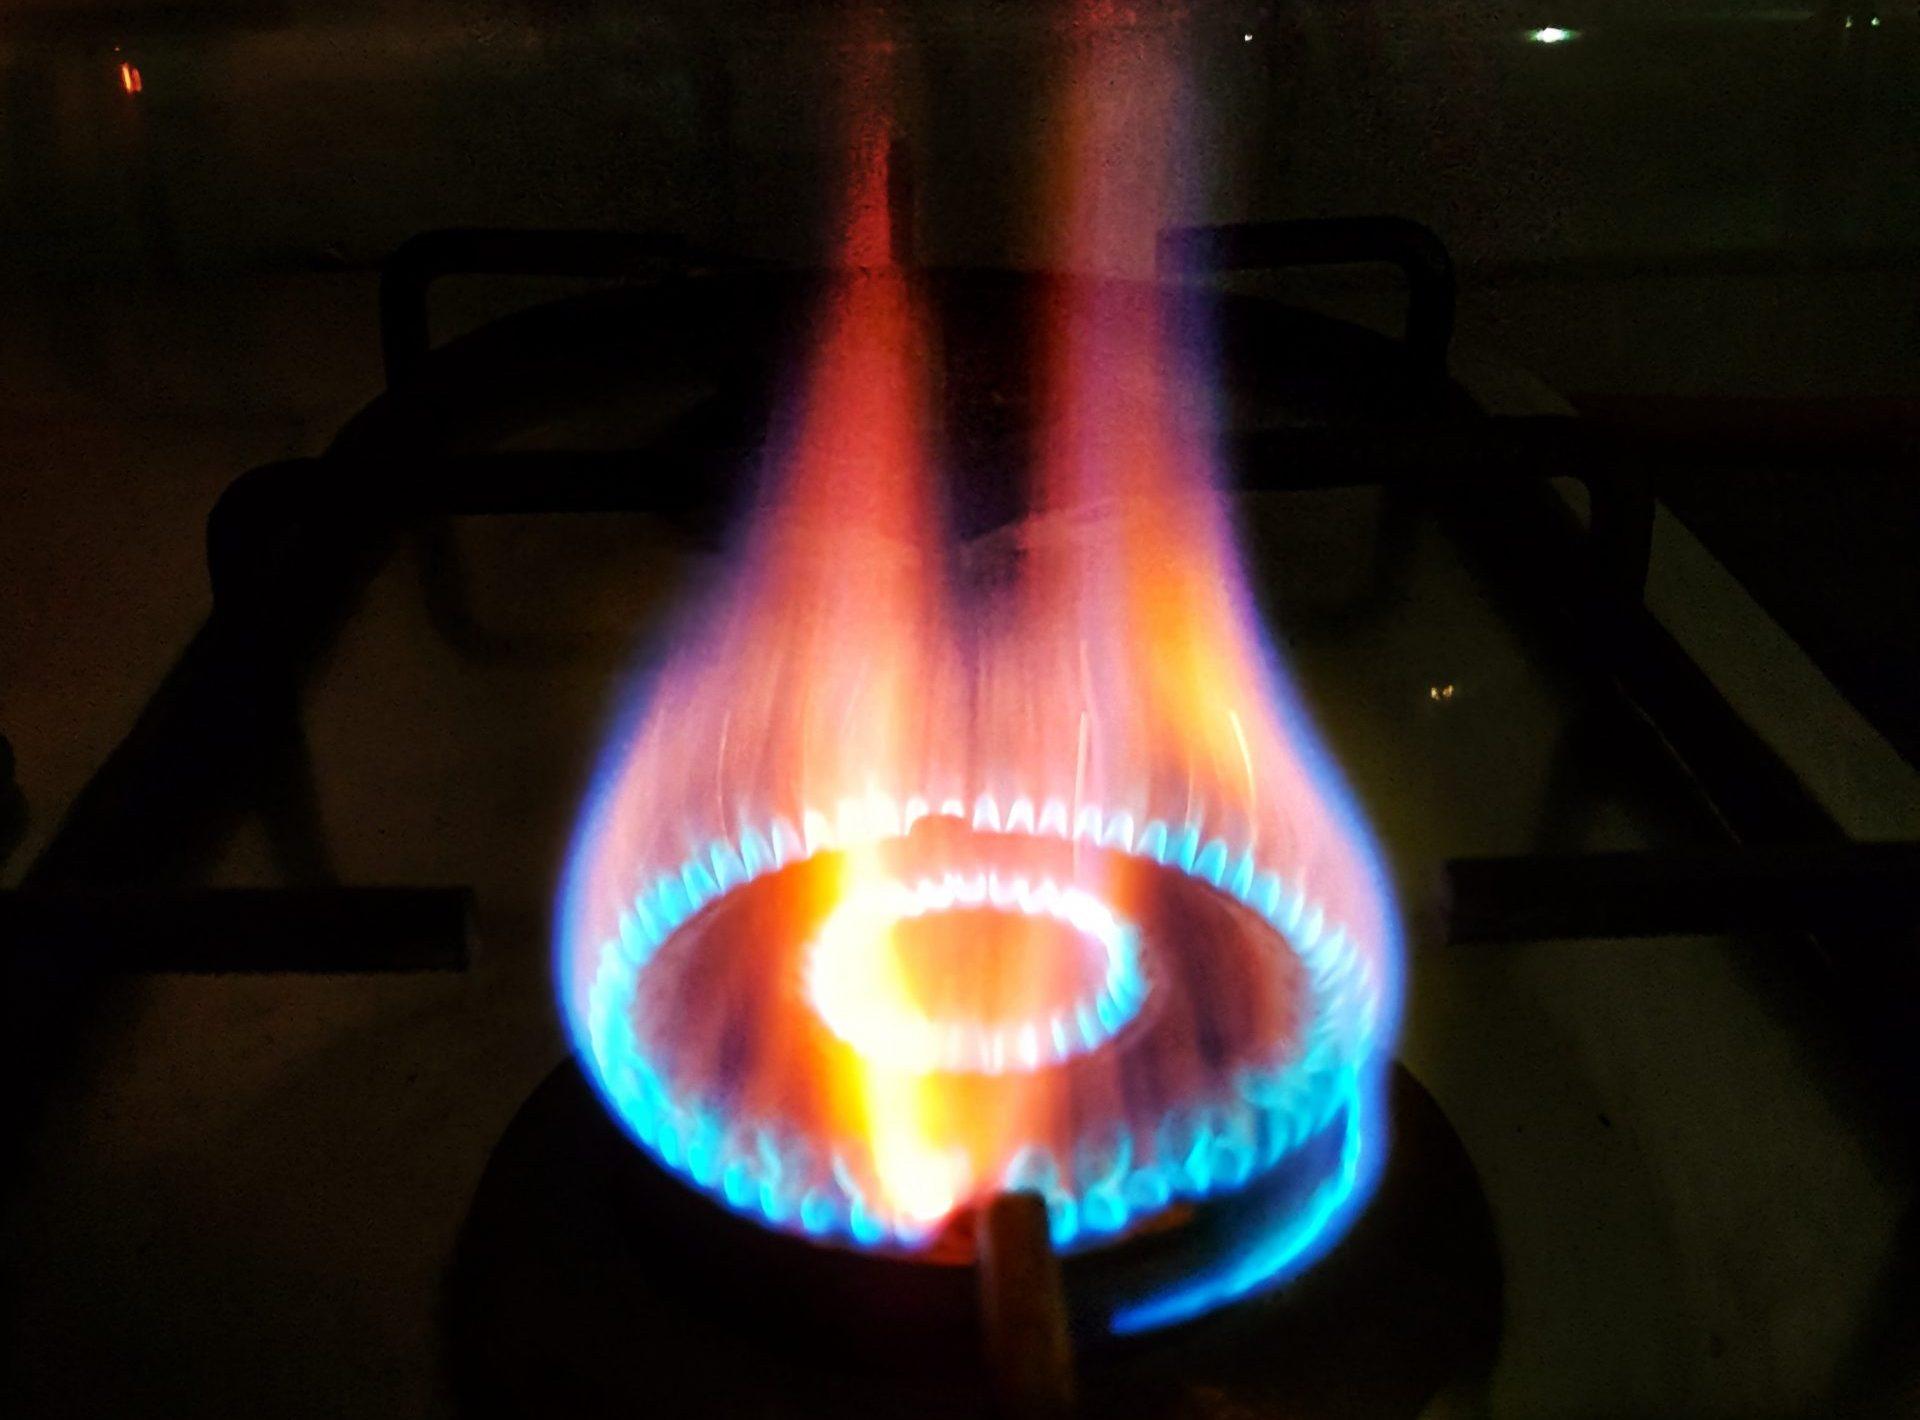 Scenariu neplăcut: gazele naturale se îndreaptă spre cele mai mari preţuri din ultimii 13 ani, iar asta înseamnă scumpiri în lanț